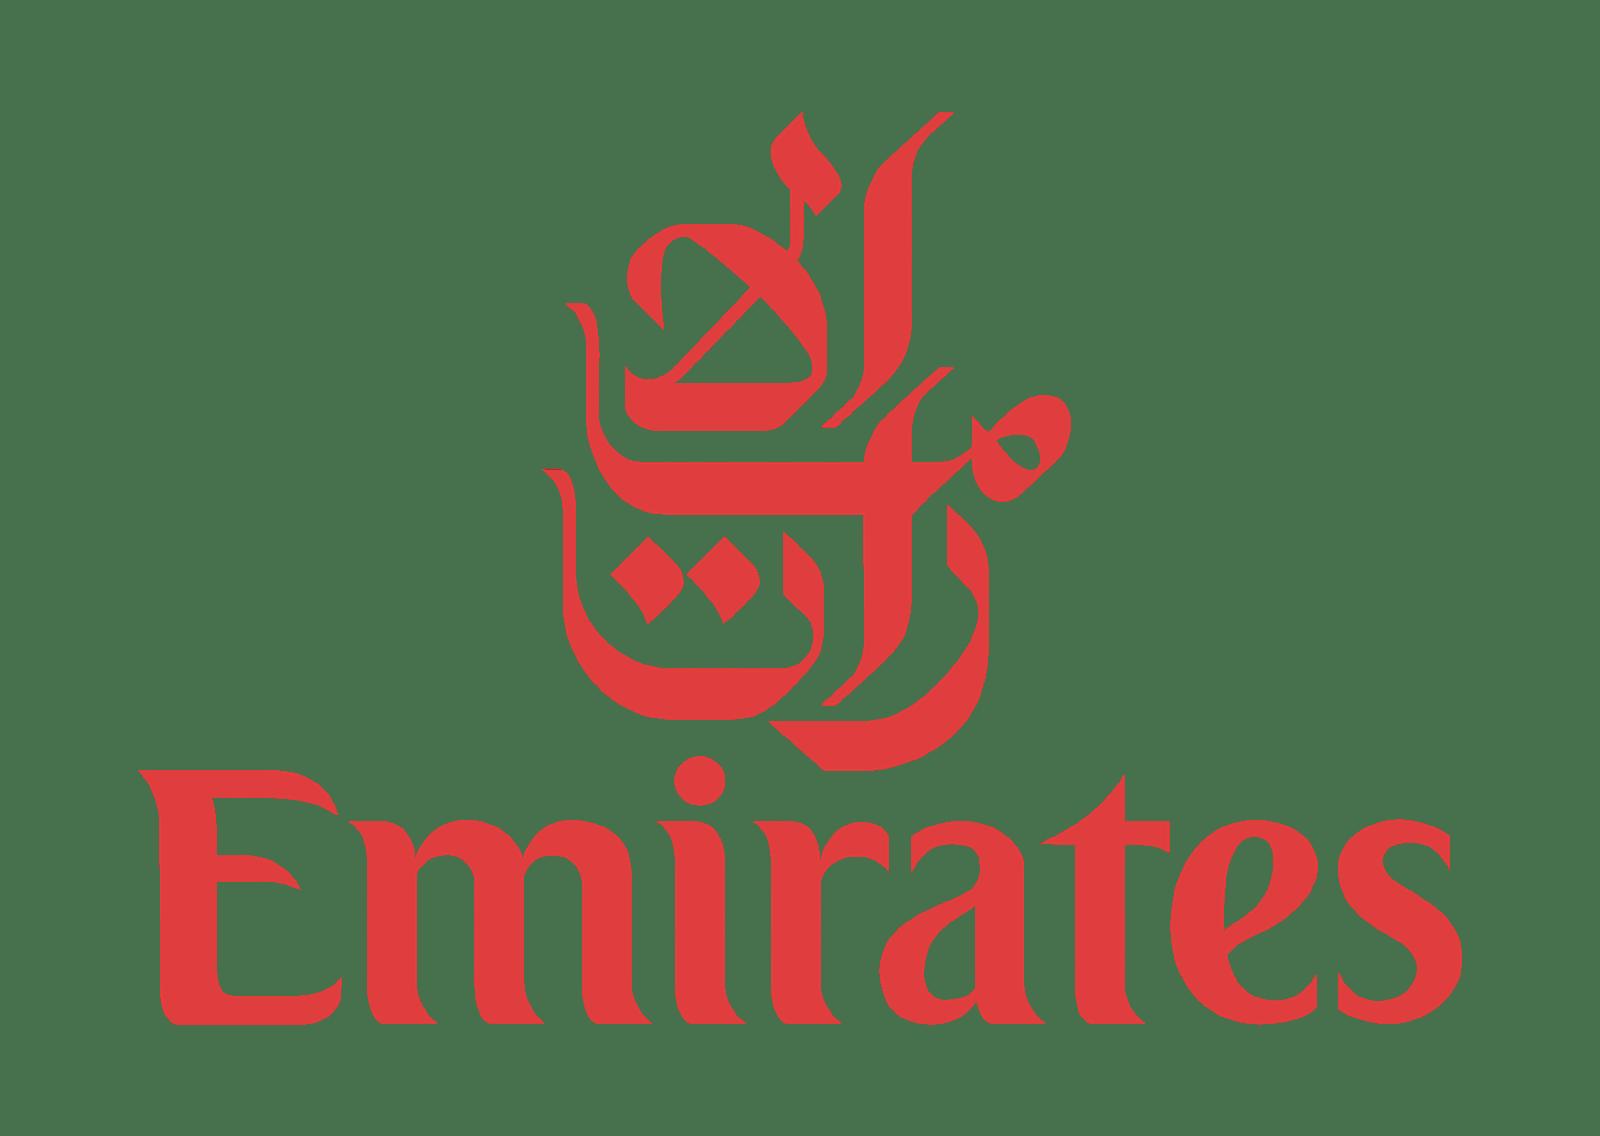 emirateslogo.png